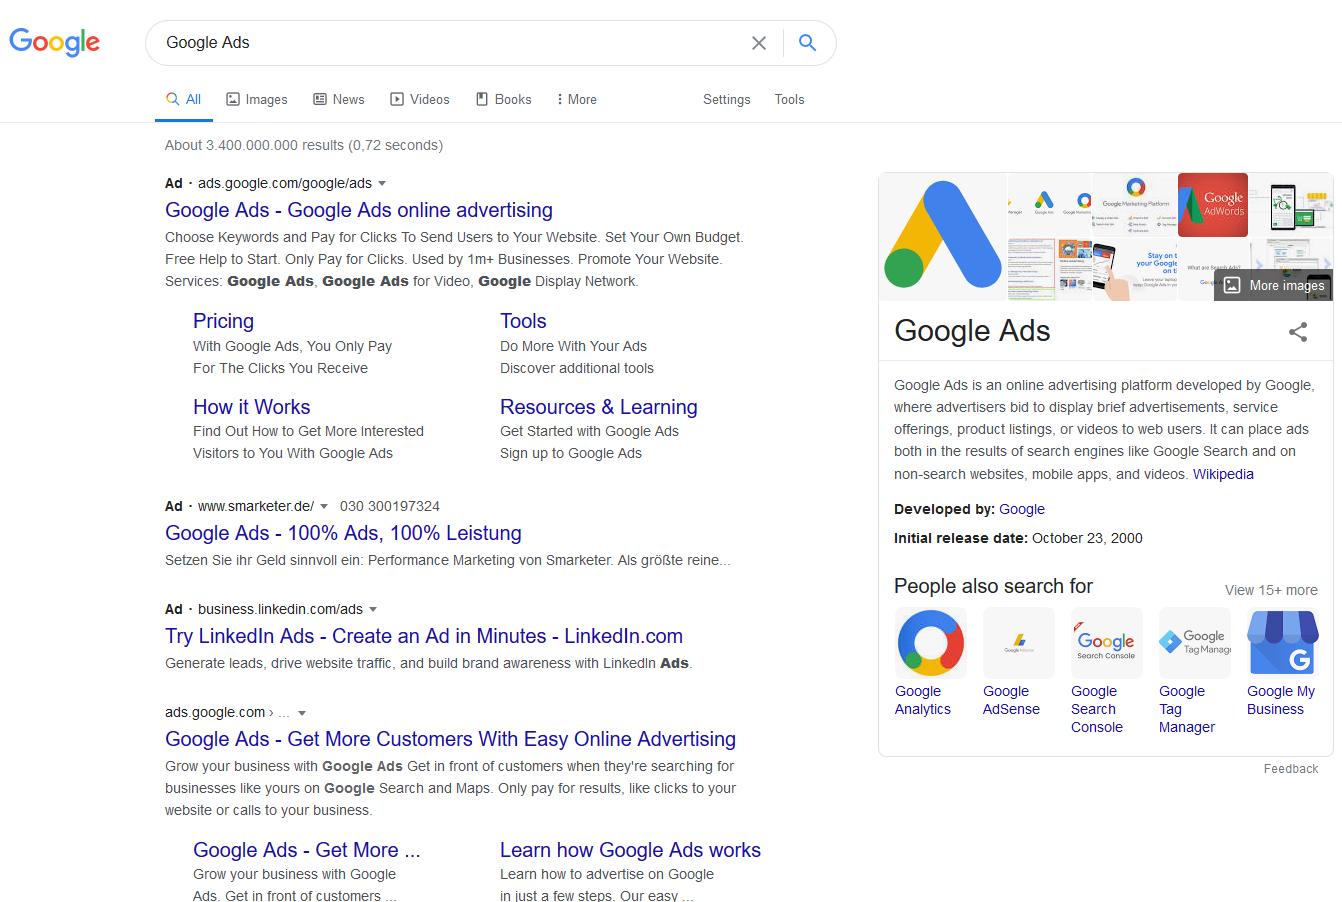 کمپین های پلتفرم گوگل ادز